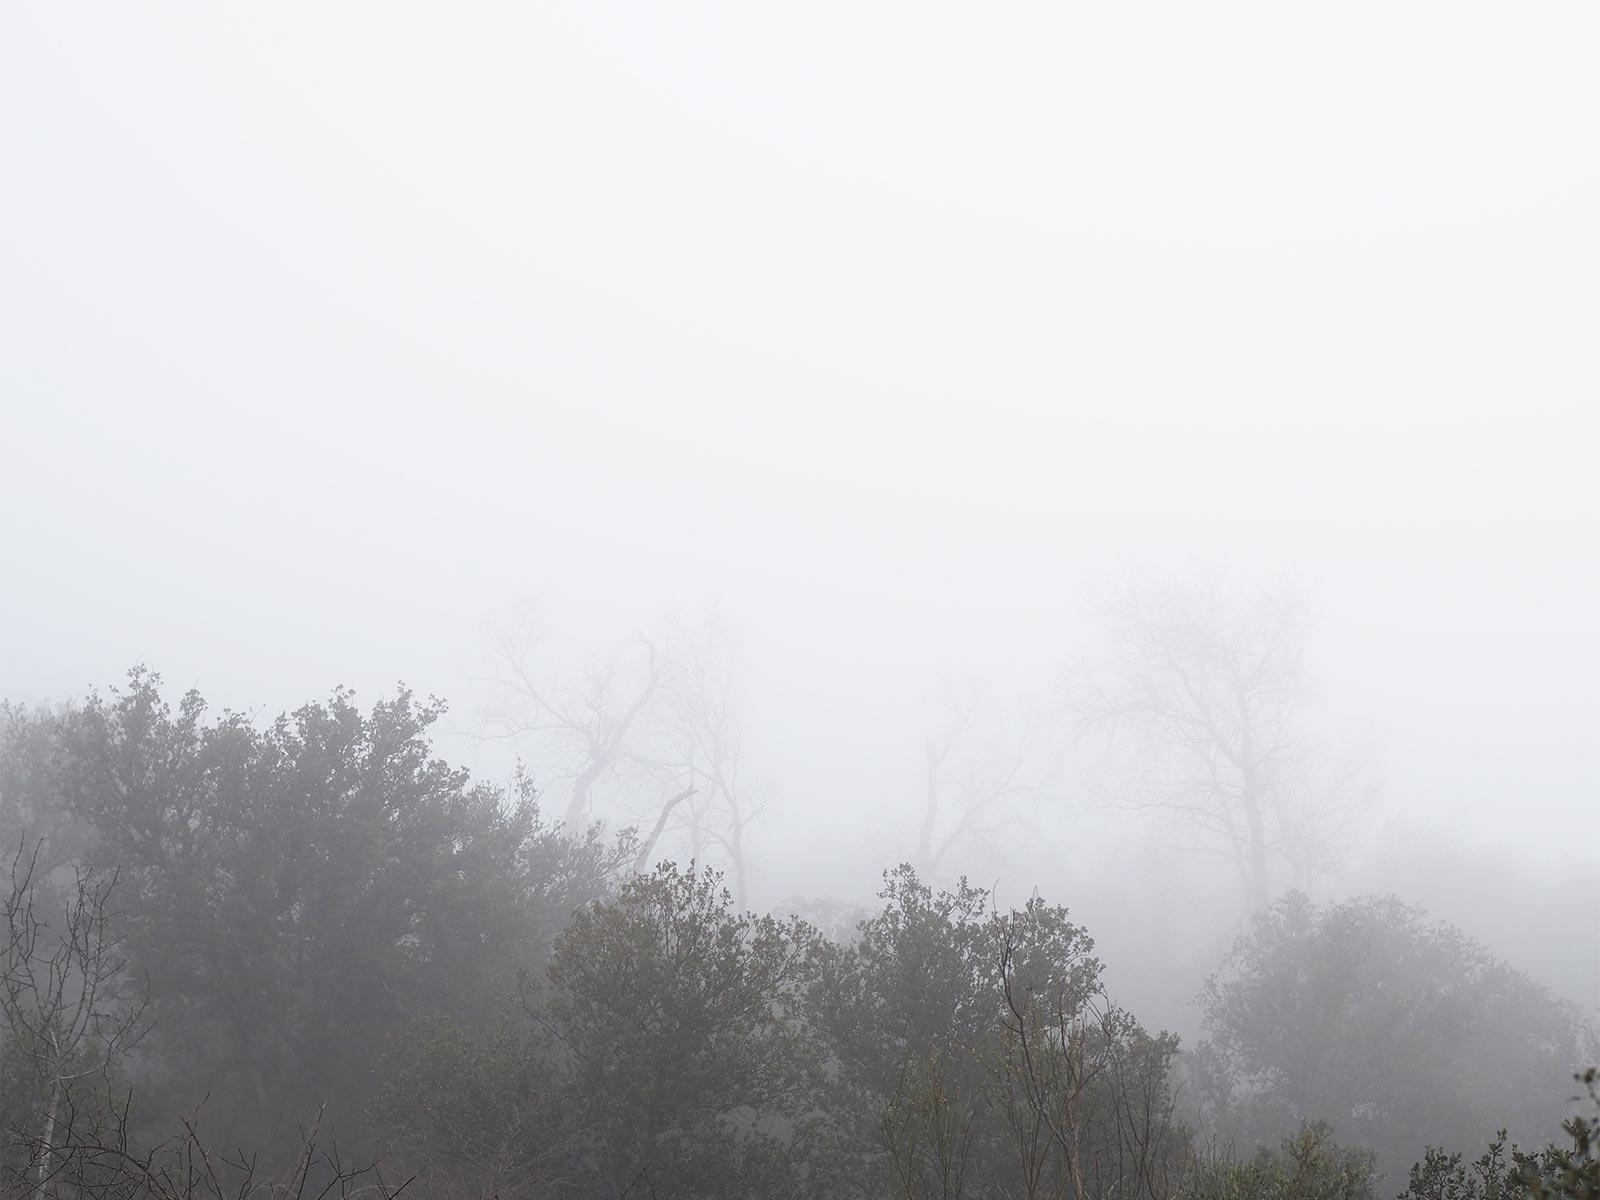 encinar-toro-niebla-invierno-enero-2020-zamora